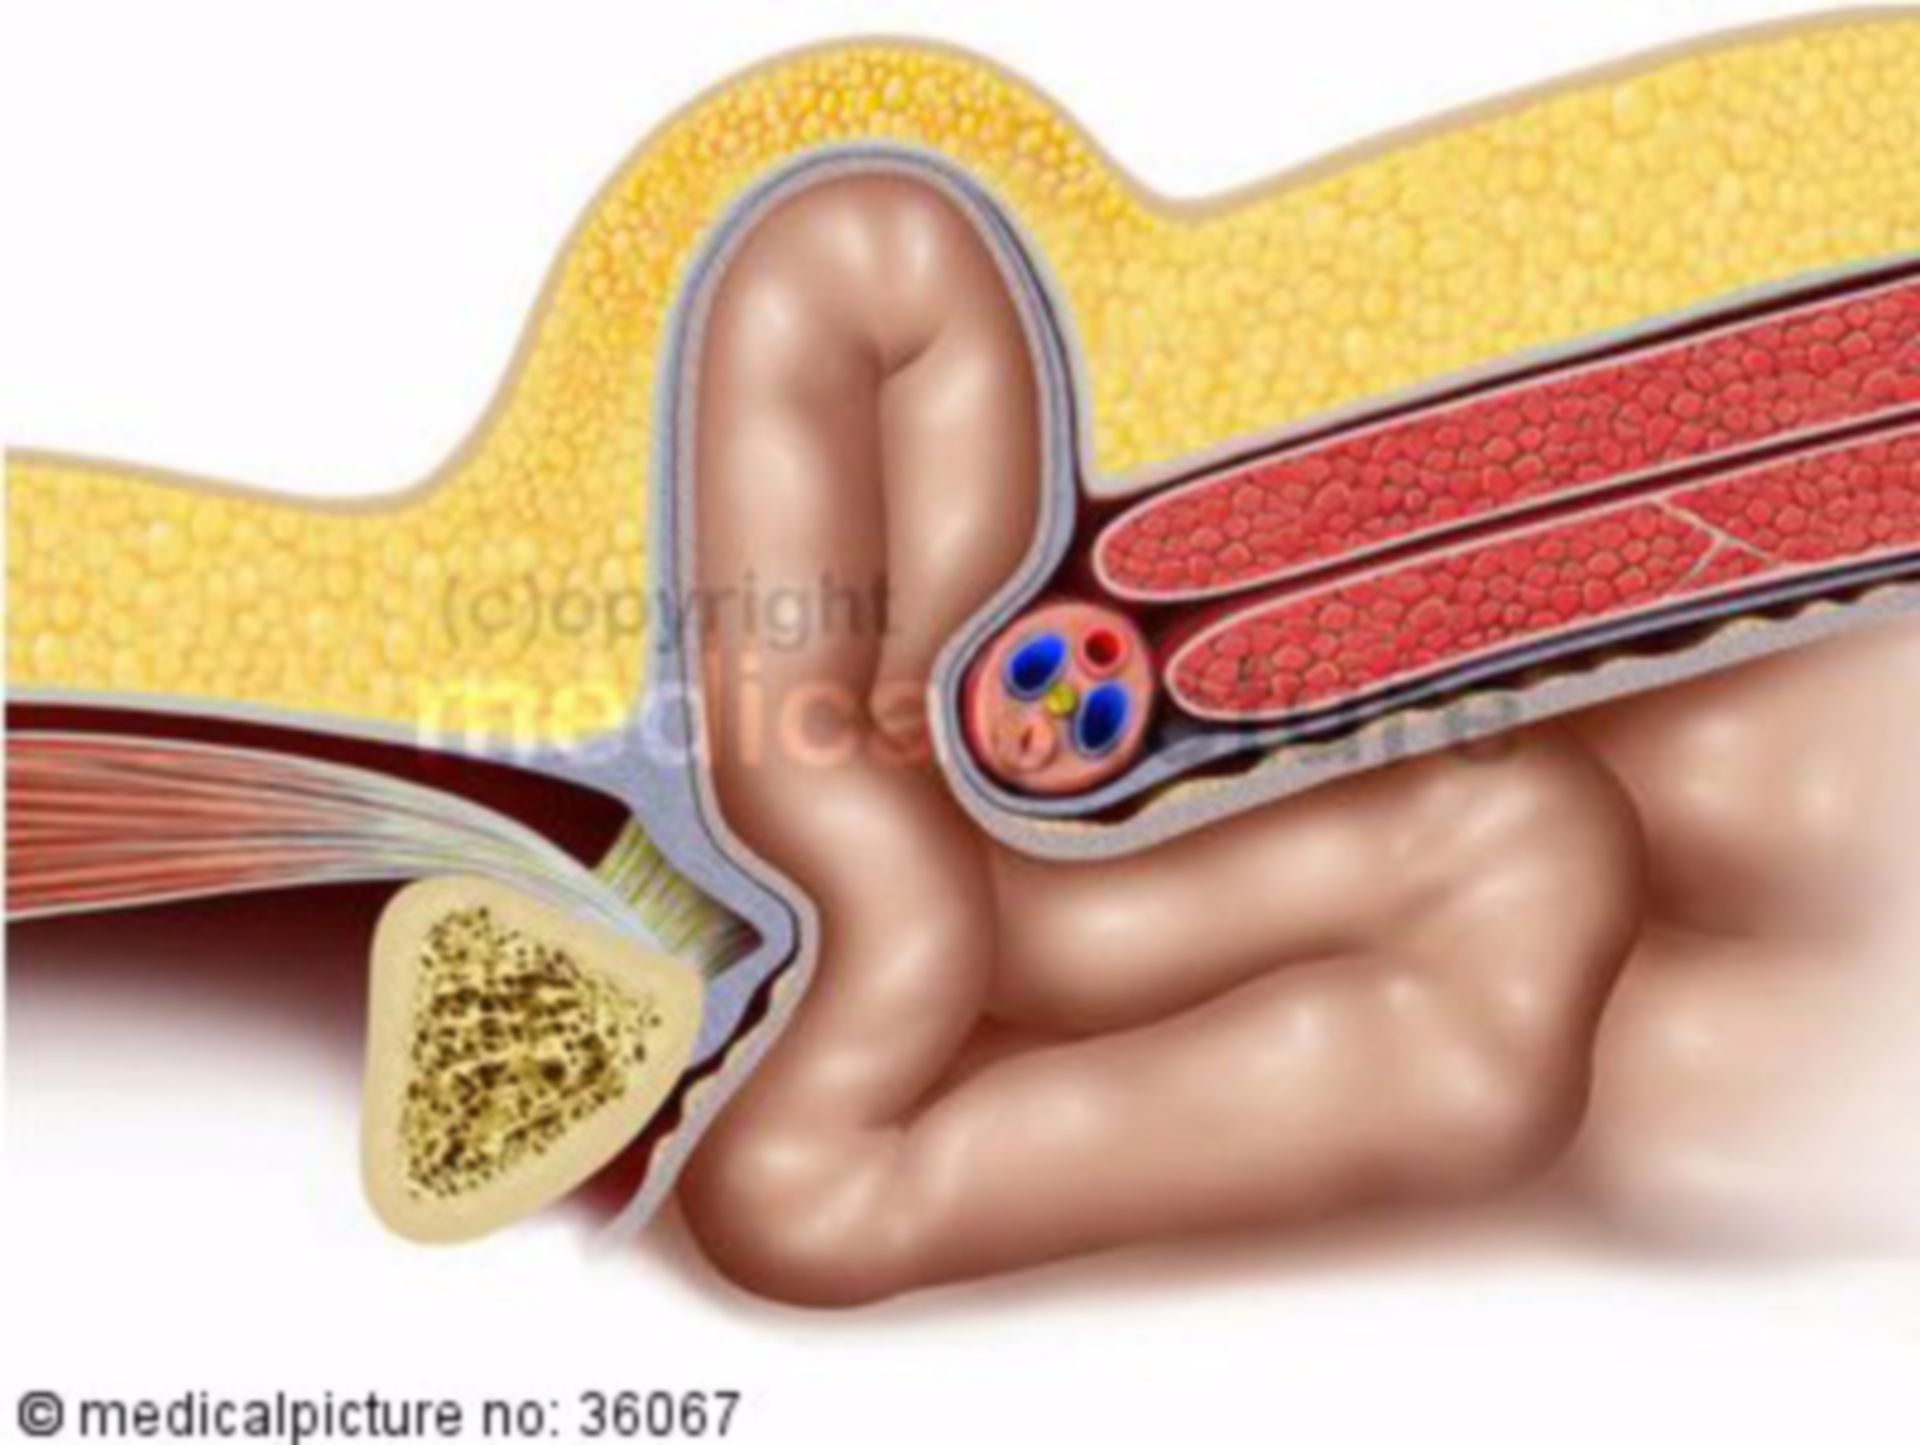 Leistenbruch, Inguinalhernie, inguinal hernia